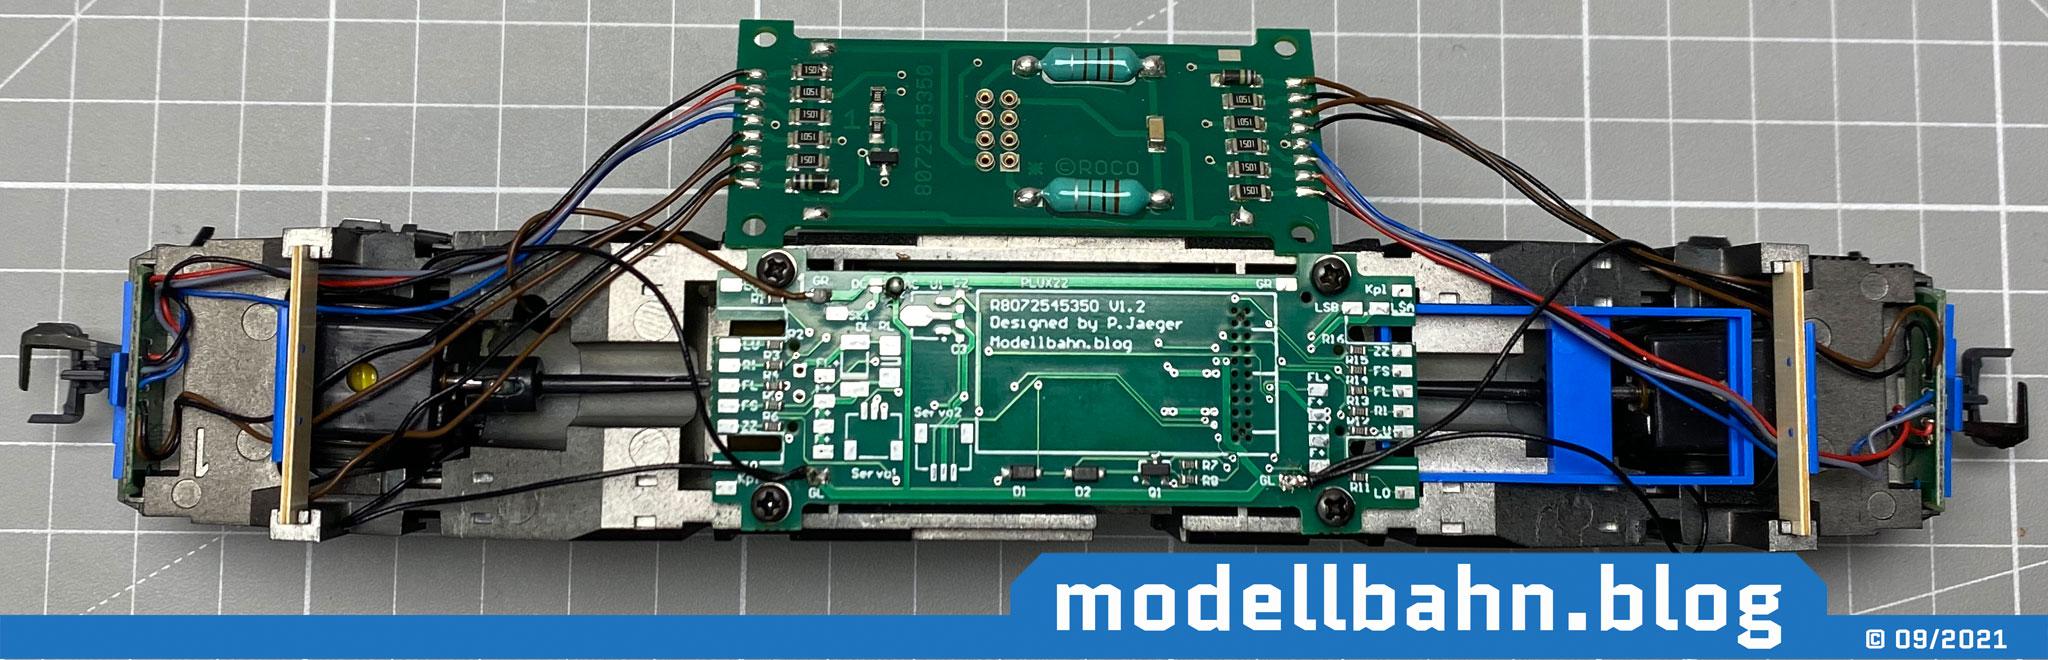 Bild 6: Roco TRAXX2 mit eingebauter Plux22 Platine und angelöteten Kabel Radkontakte und des Flüsterschleifers